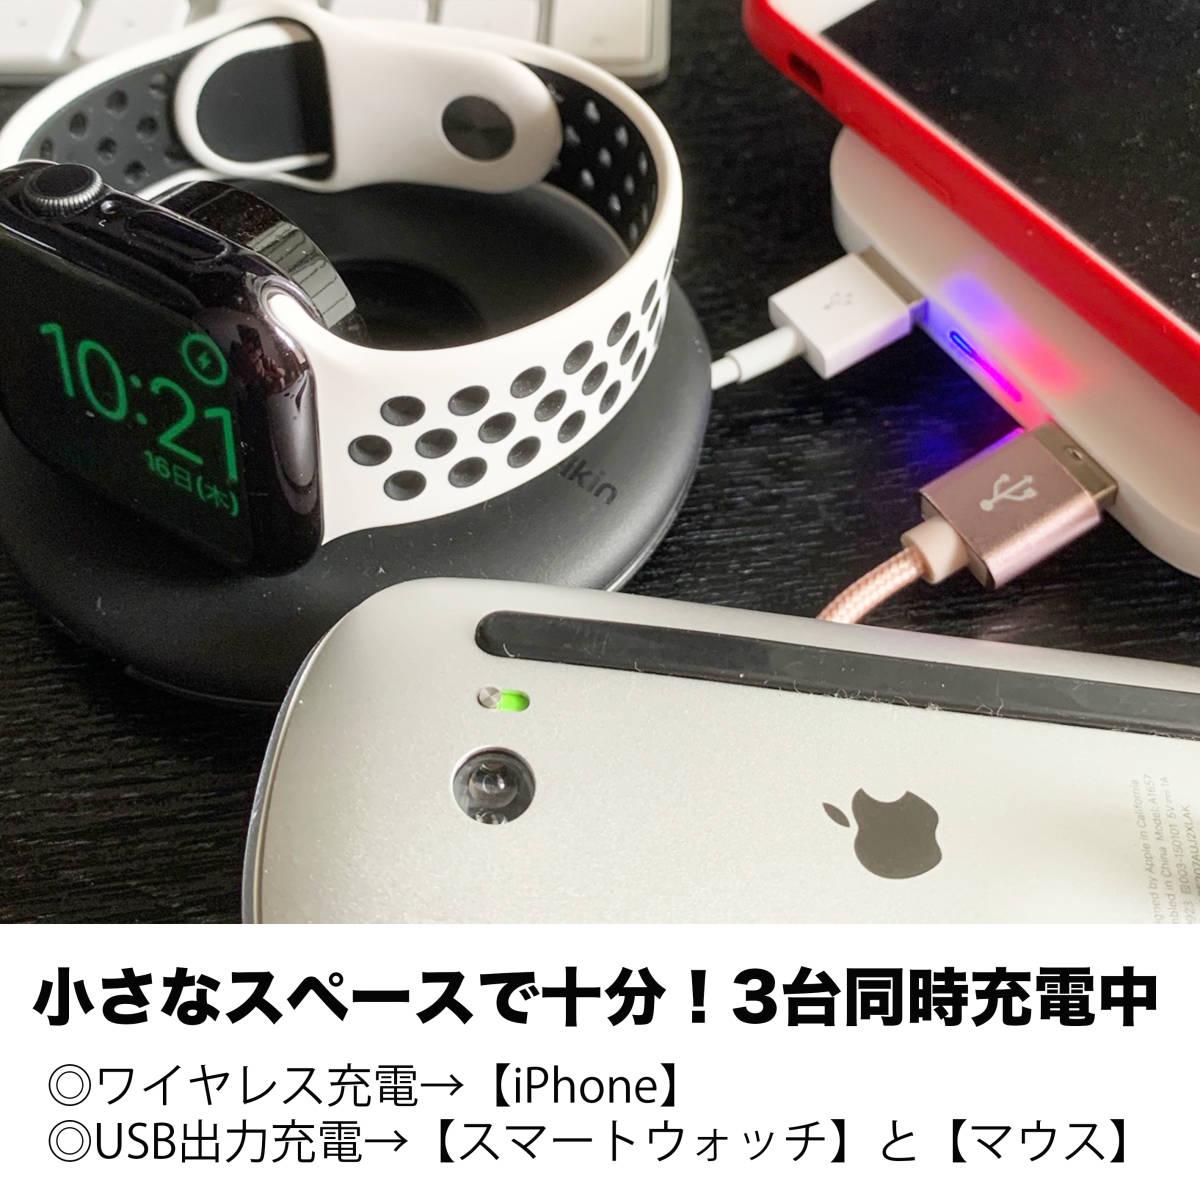 2台セット ワイヤレス充電器 卓上【急速10Wグレードアップ】 折畳み スタンド&おくだけパッド USB出力2口 3台同時充電 [黒&白] _画像10